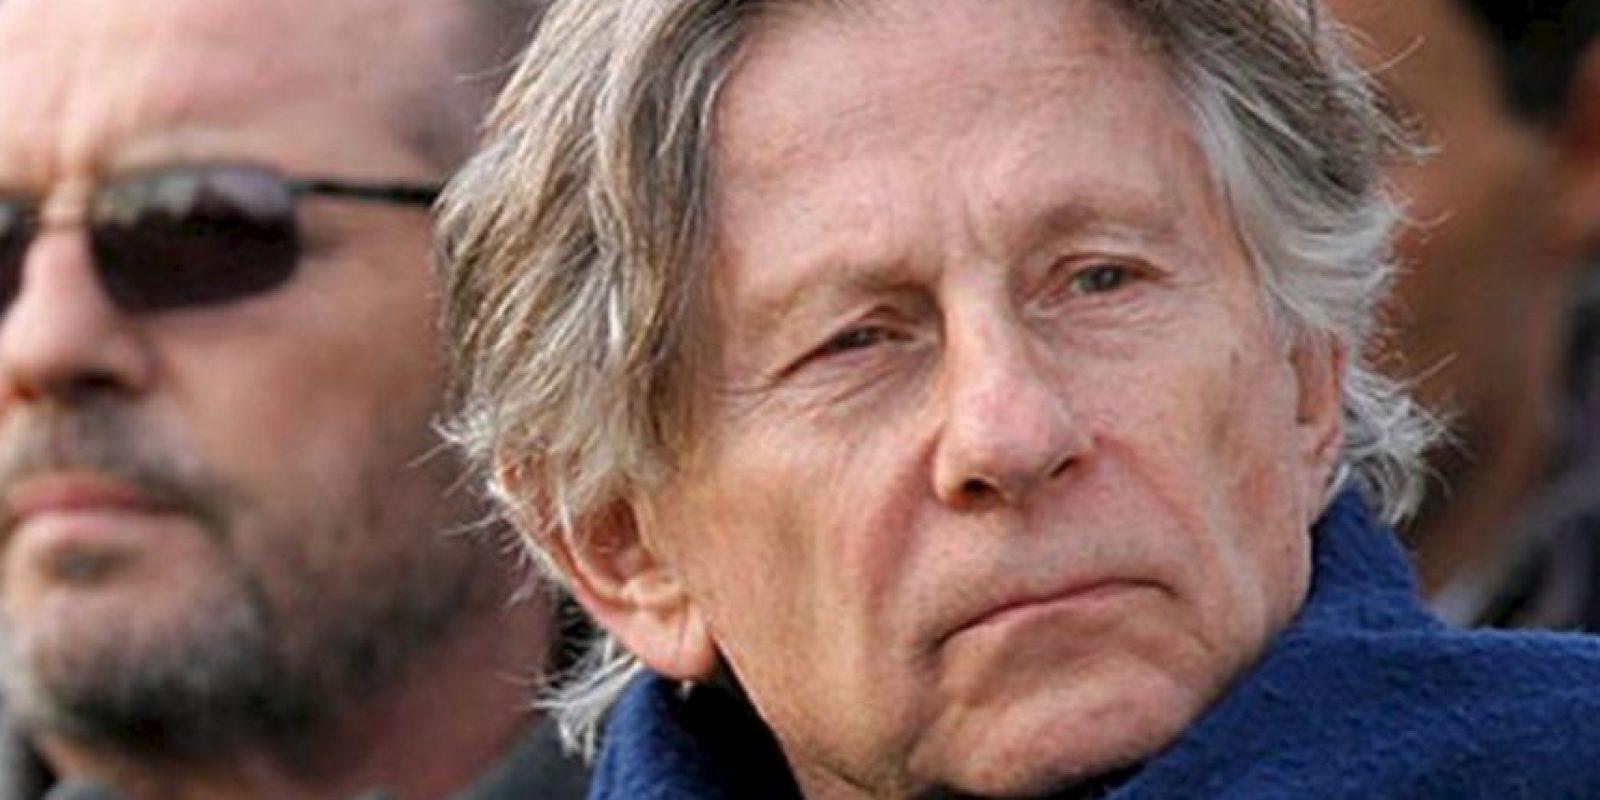 Roman Polanski: El famoso director tuvo que huir de Estados Unidos por drogar y violar a Samantha Geimer, quien tenía 13 años en 1977. Foto:vía Getty Images